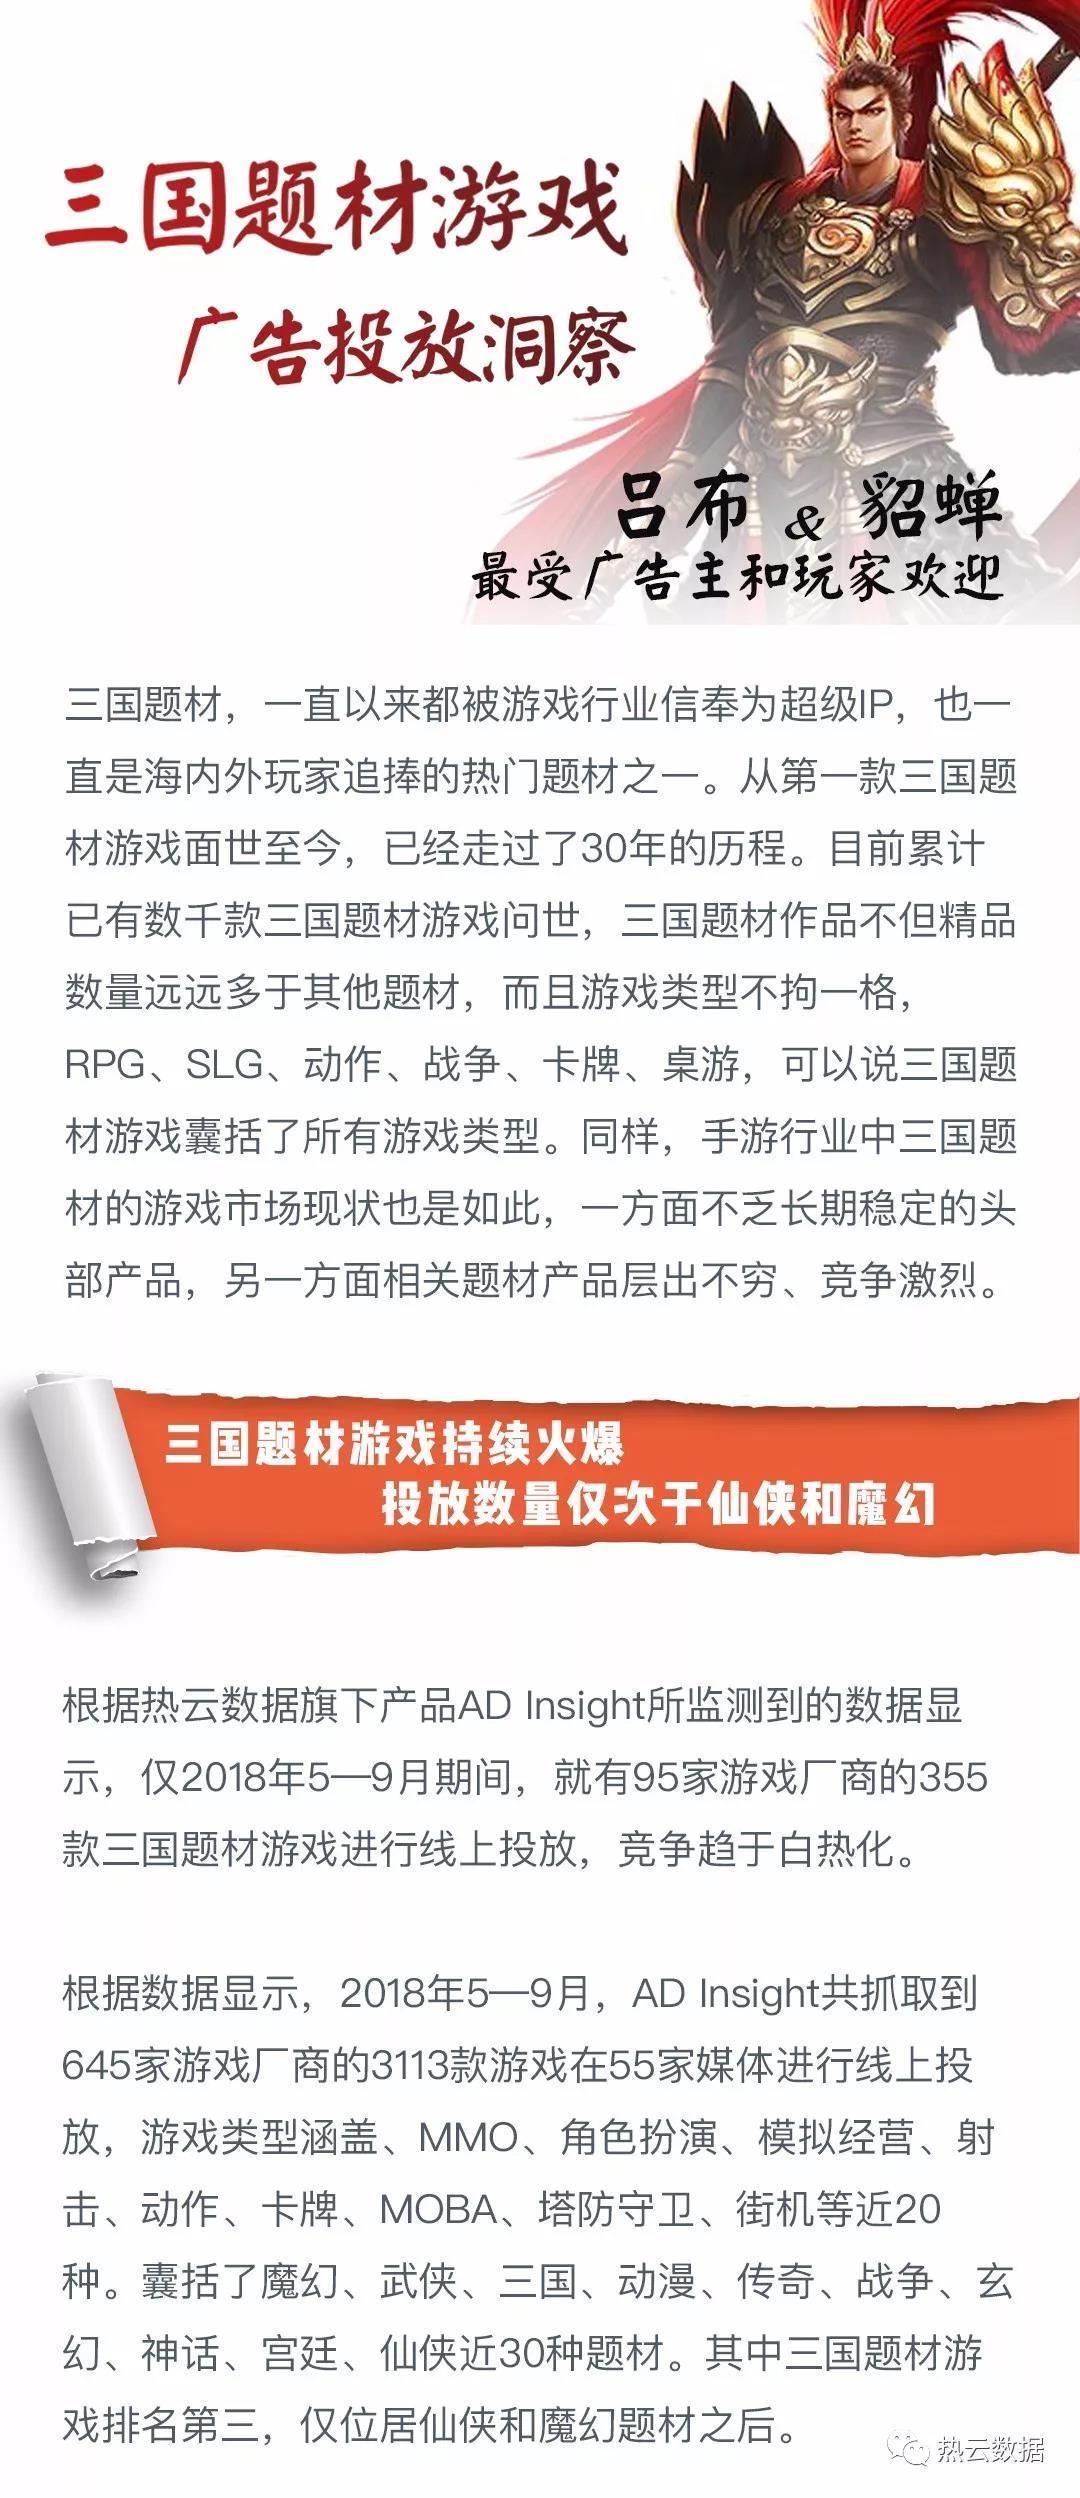 5-9月三国游戏广告投放洞察:卡牌类占31.5% 吕布貂蝉最受欢迎